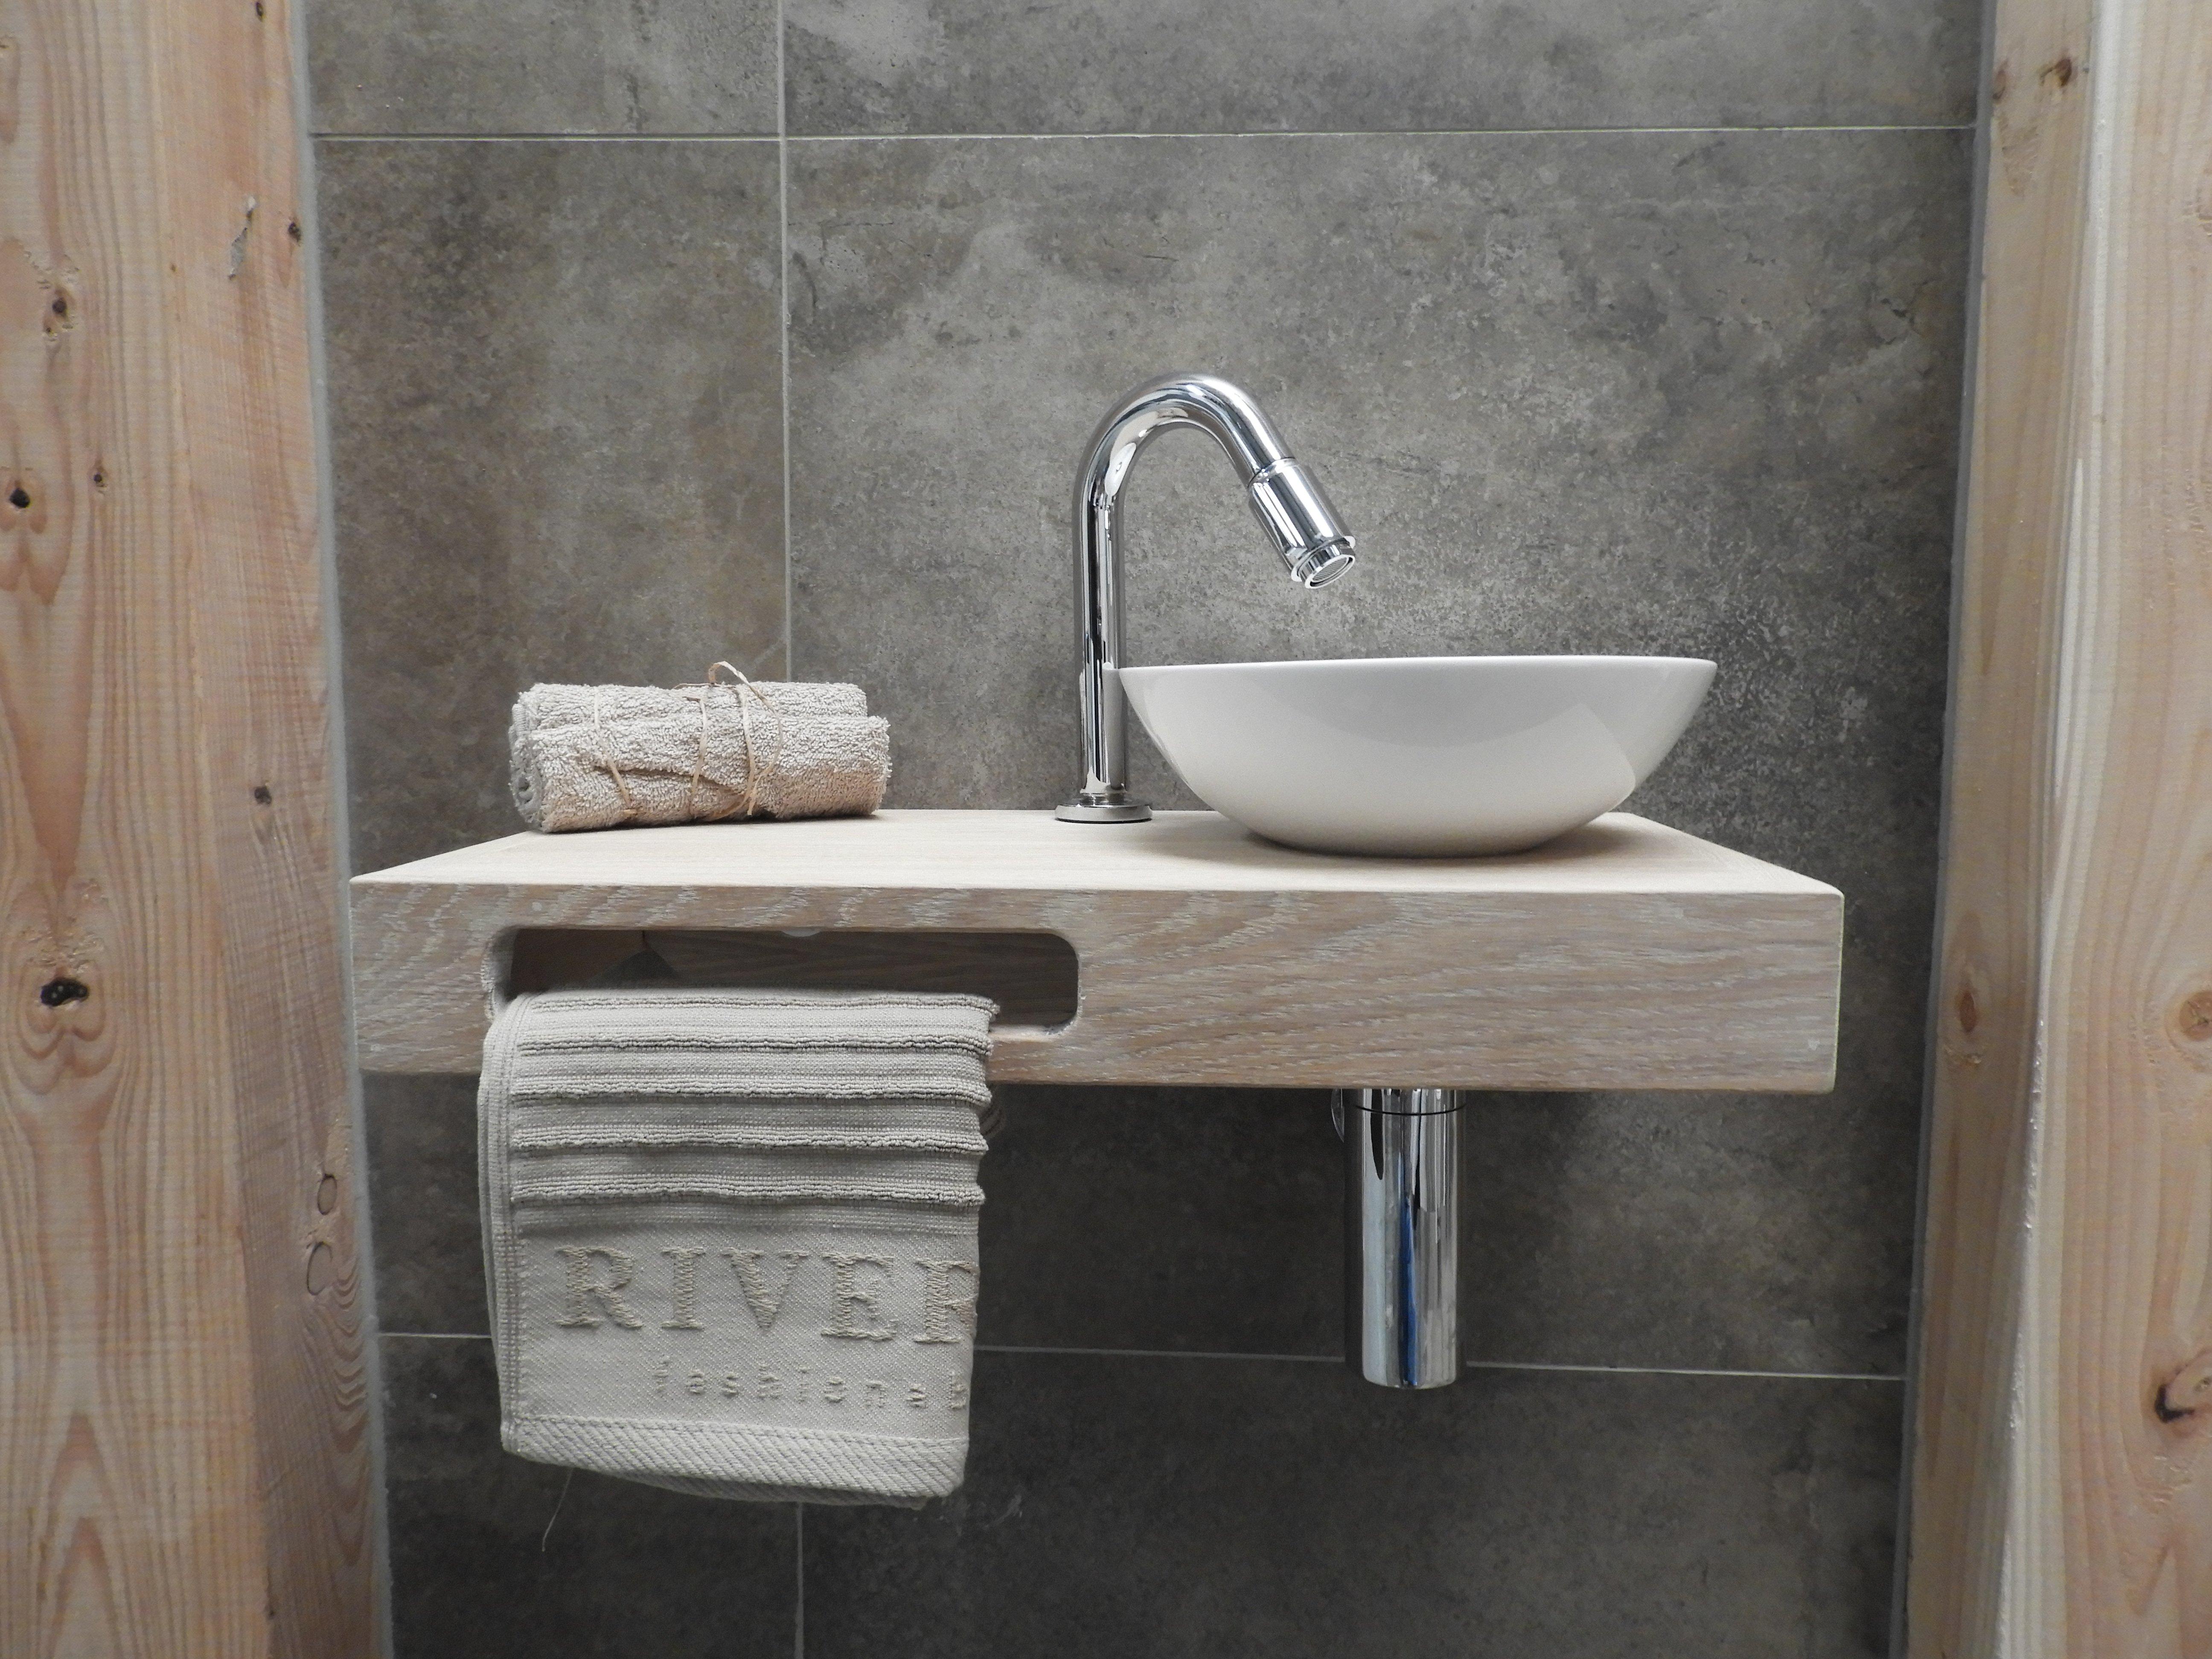 Toilet ruimte archieven pagina van janijko surhuisterveen